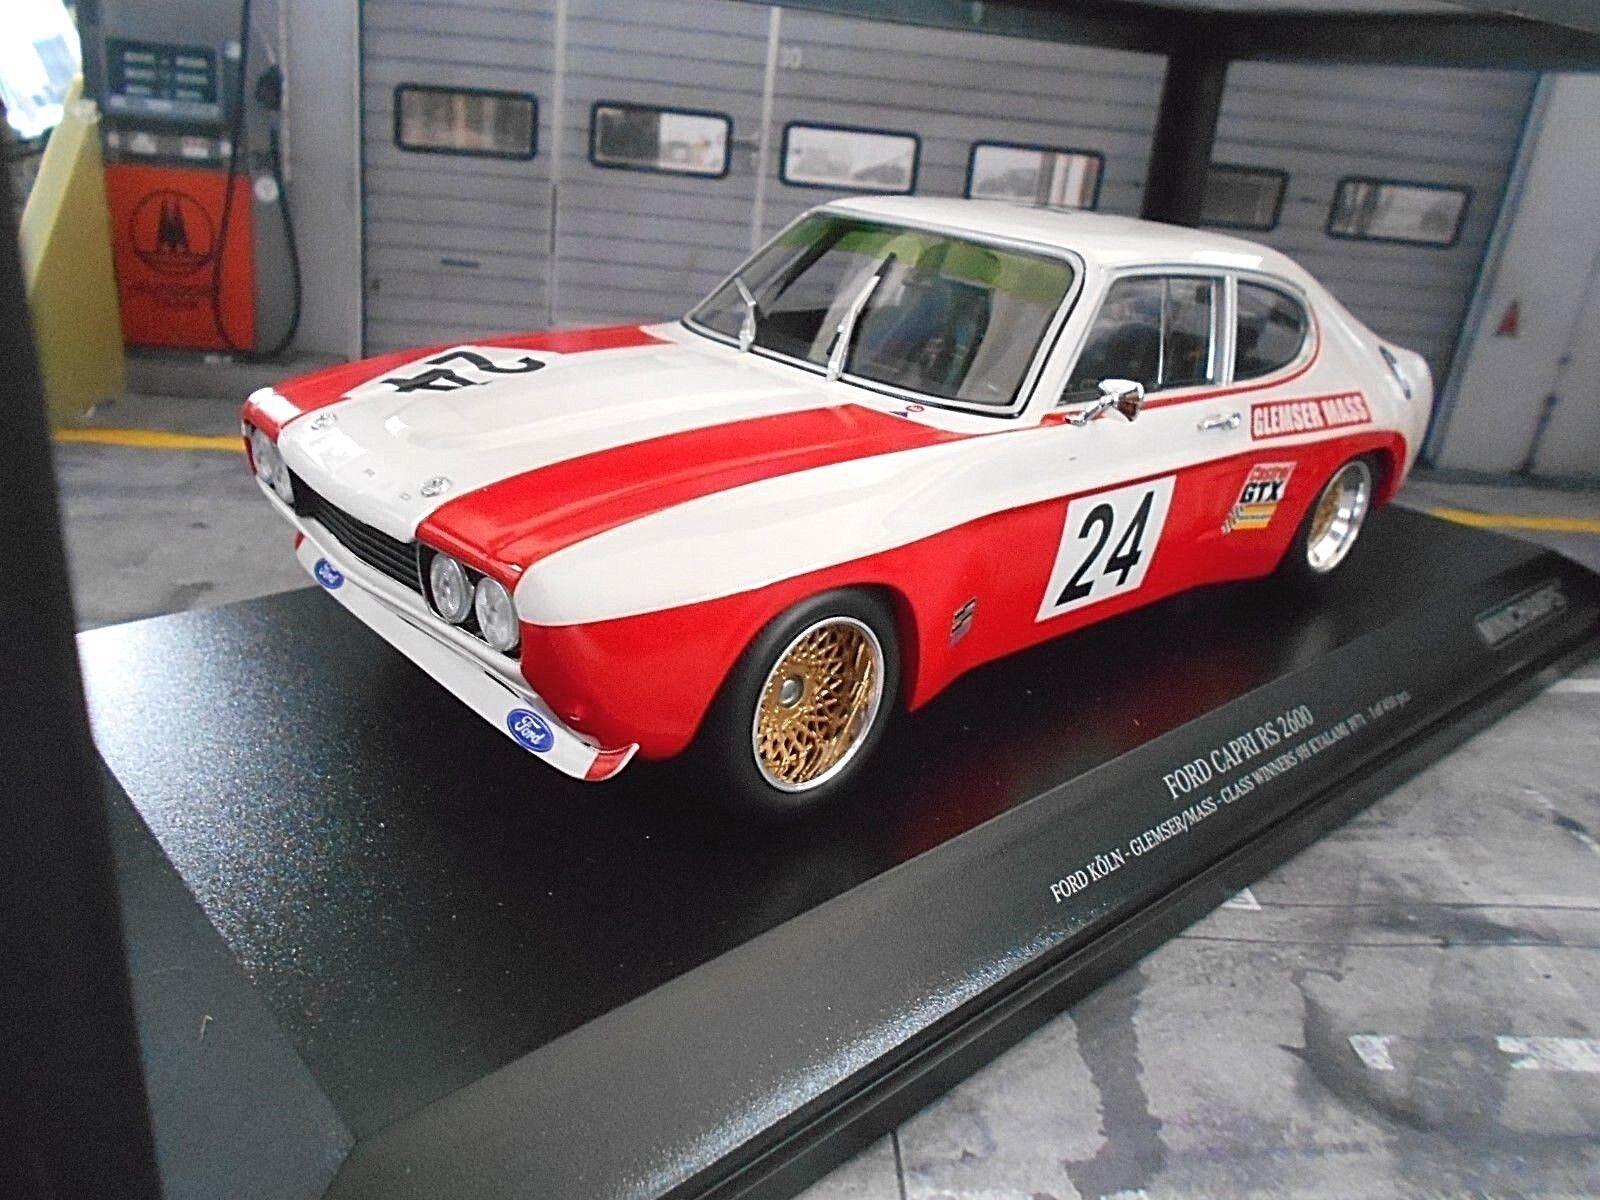 Ford Capri MkI RS 2600 rs2600 1971 Glemser Mass  24 Kyalami Cologne MINICHAMPS 1 18